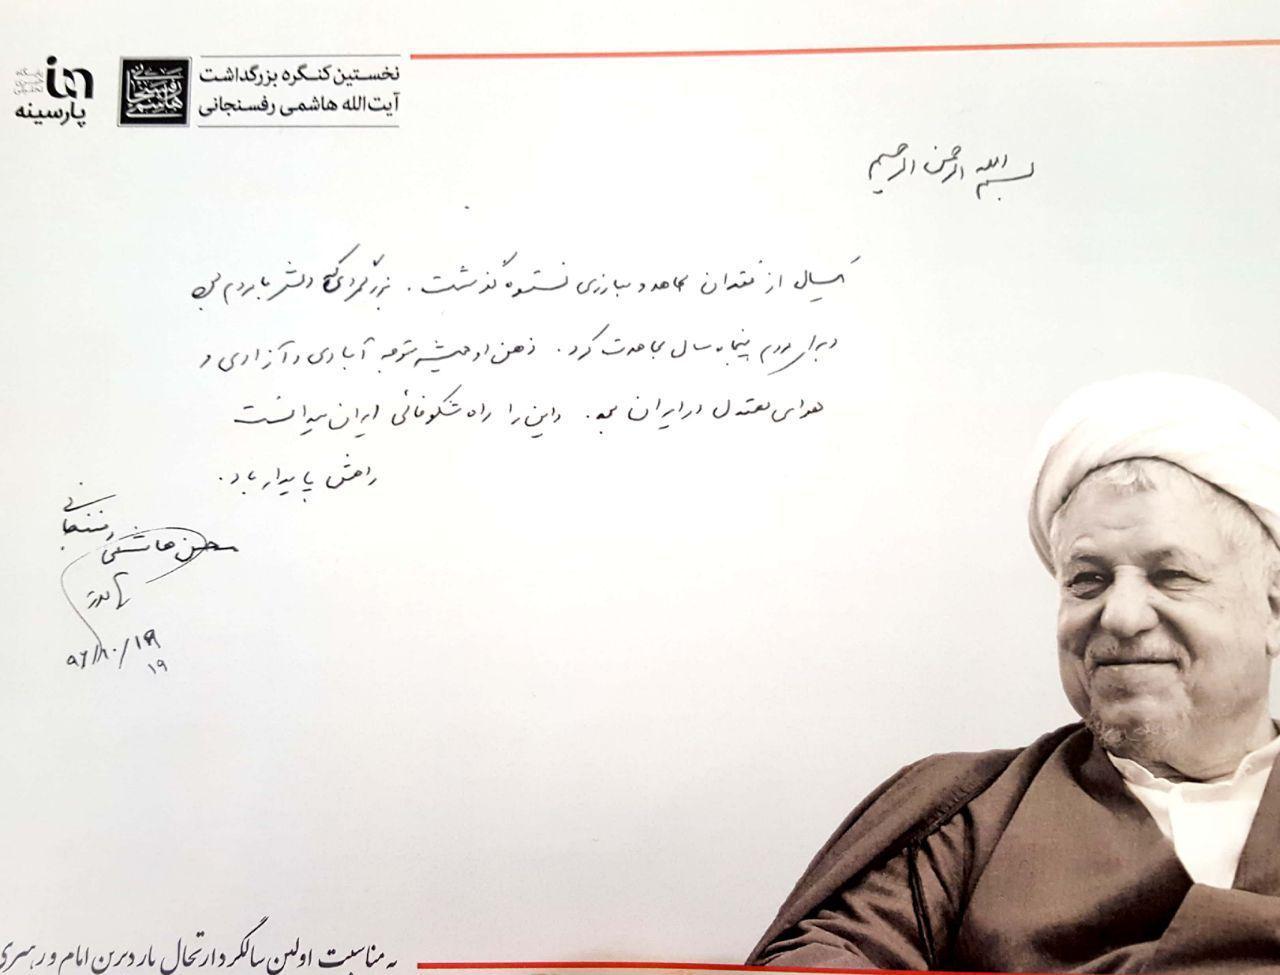 دست نوشته پسر ارشد برای آیت الله هاشمی رفسنجانی